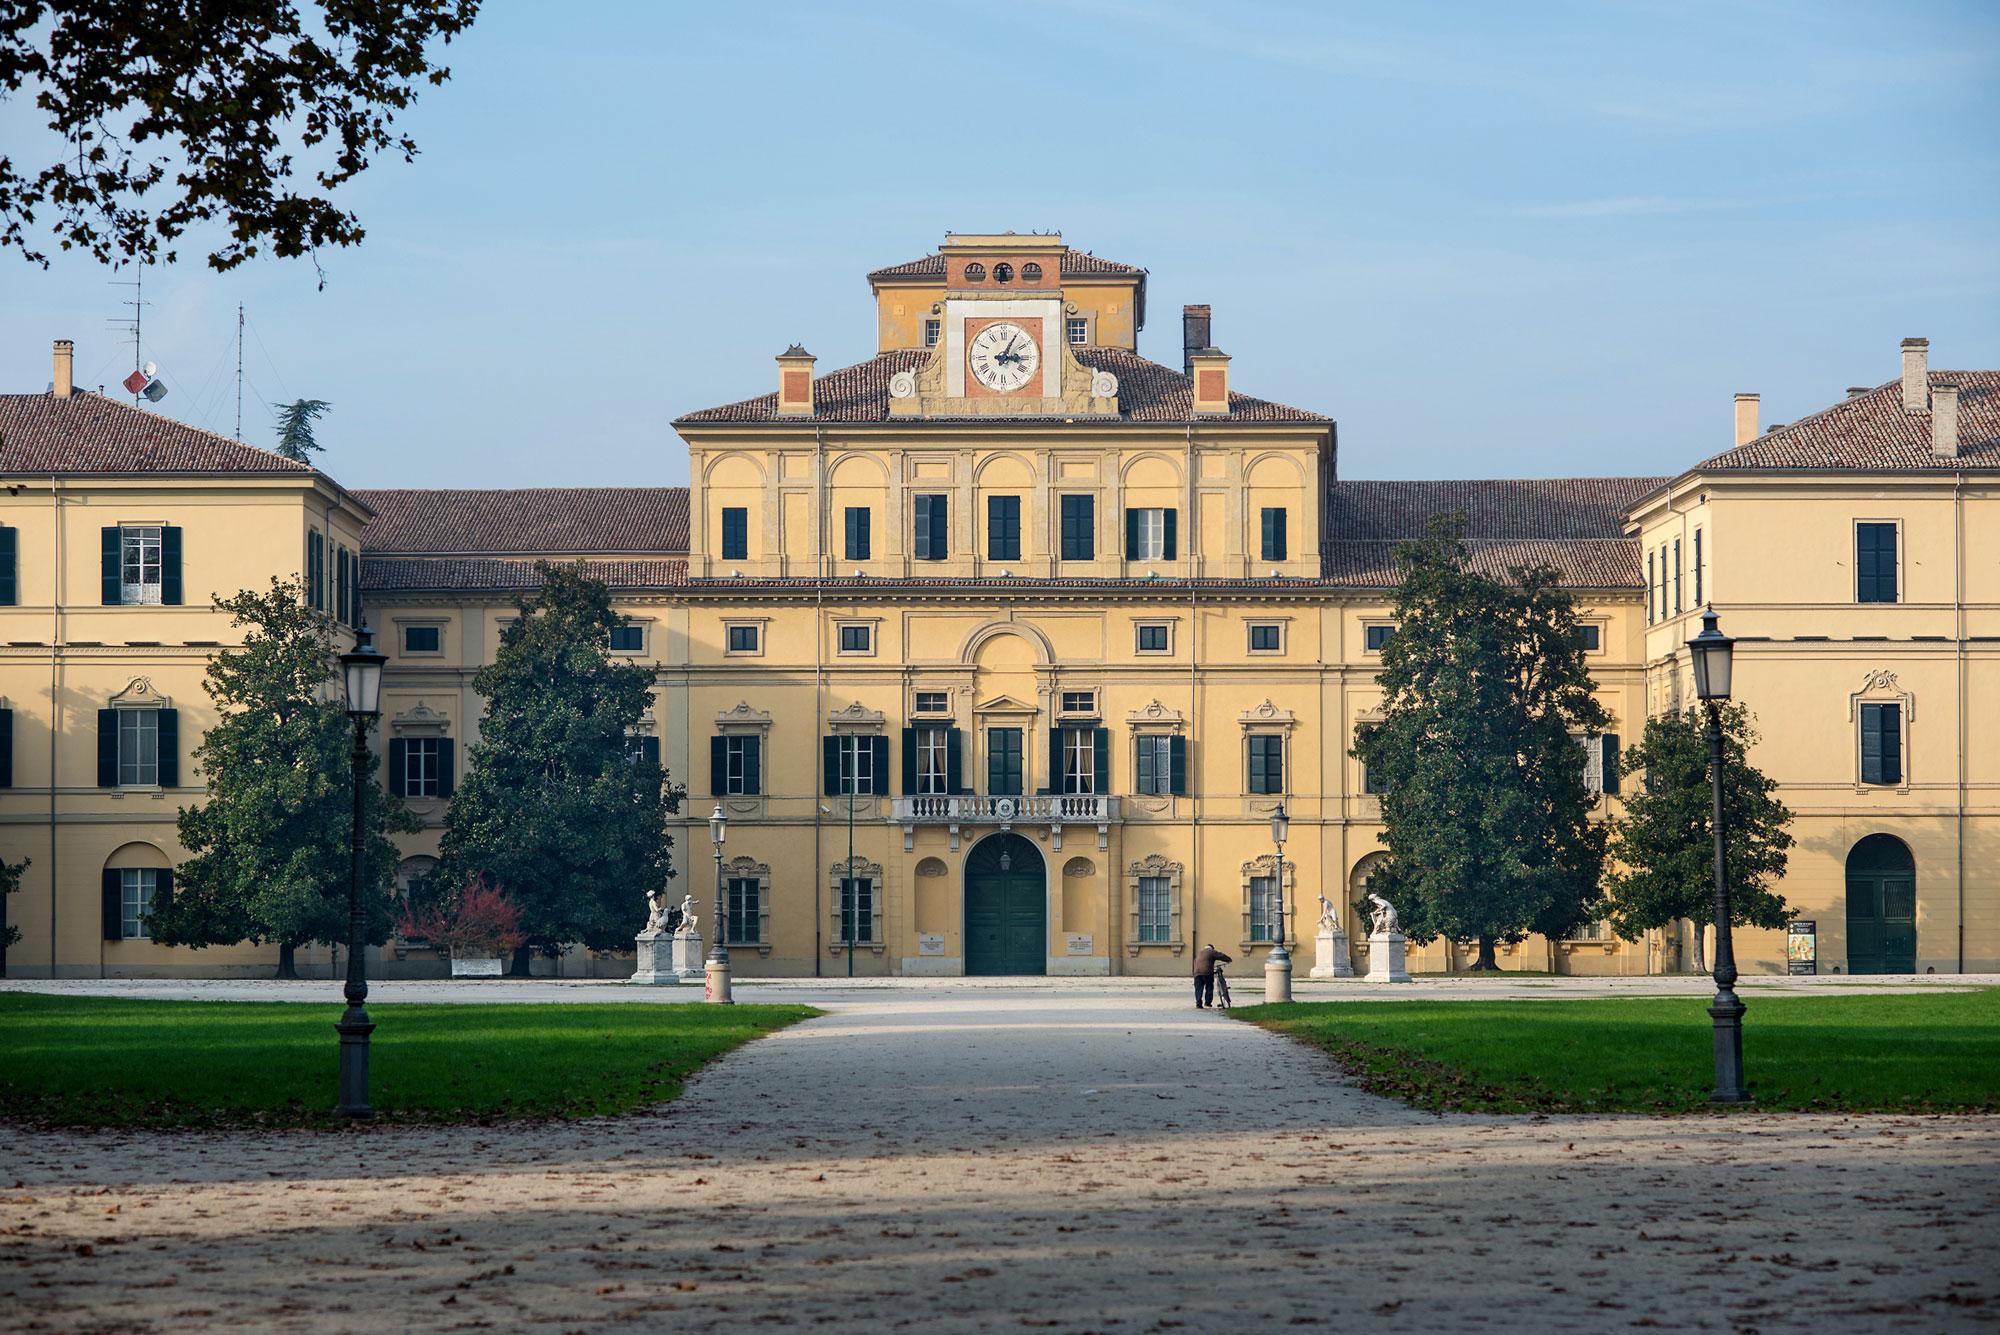 palazzo-ducale-ok